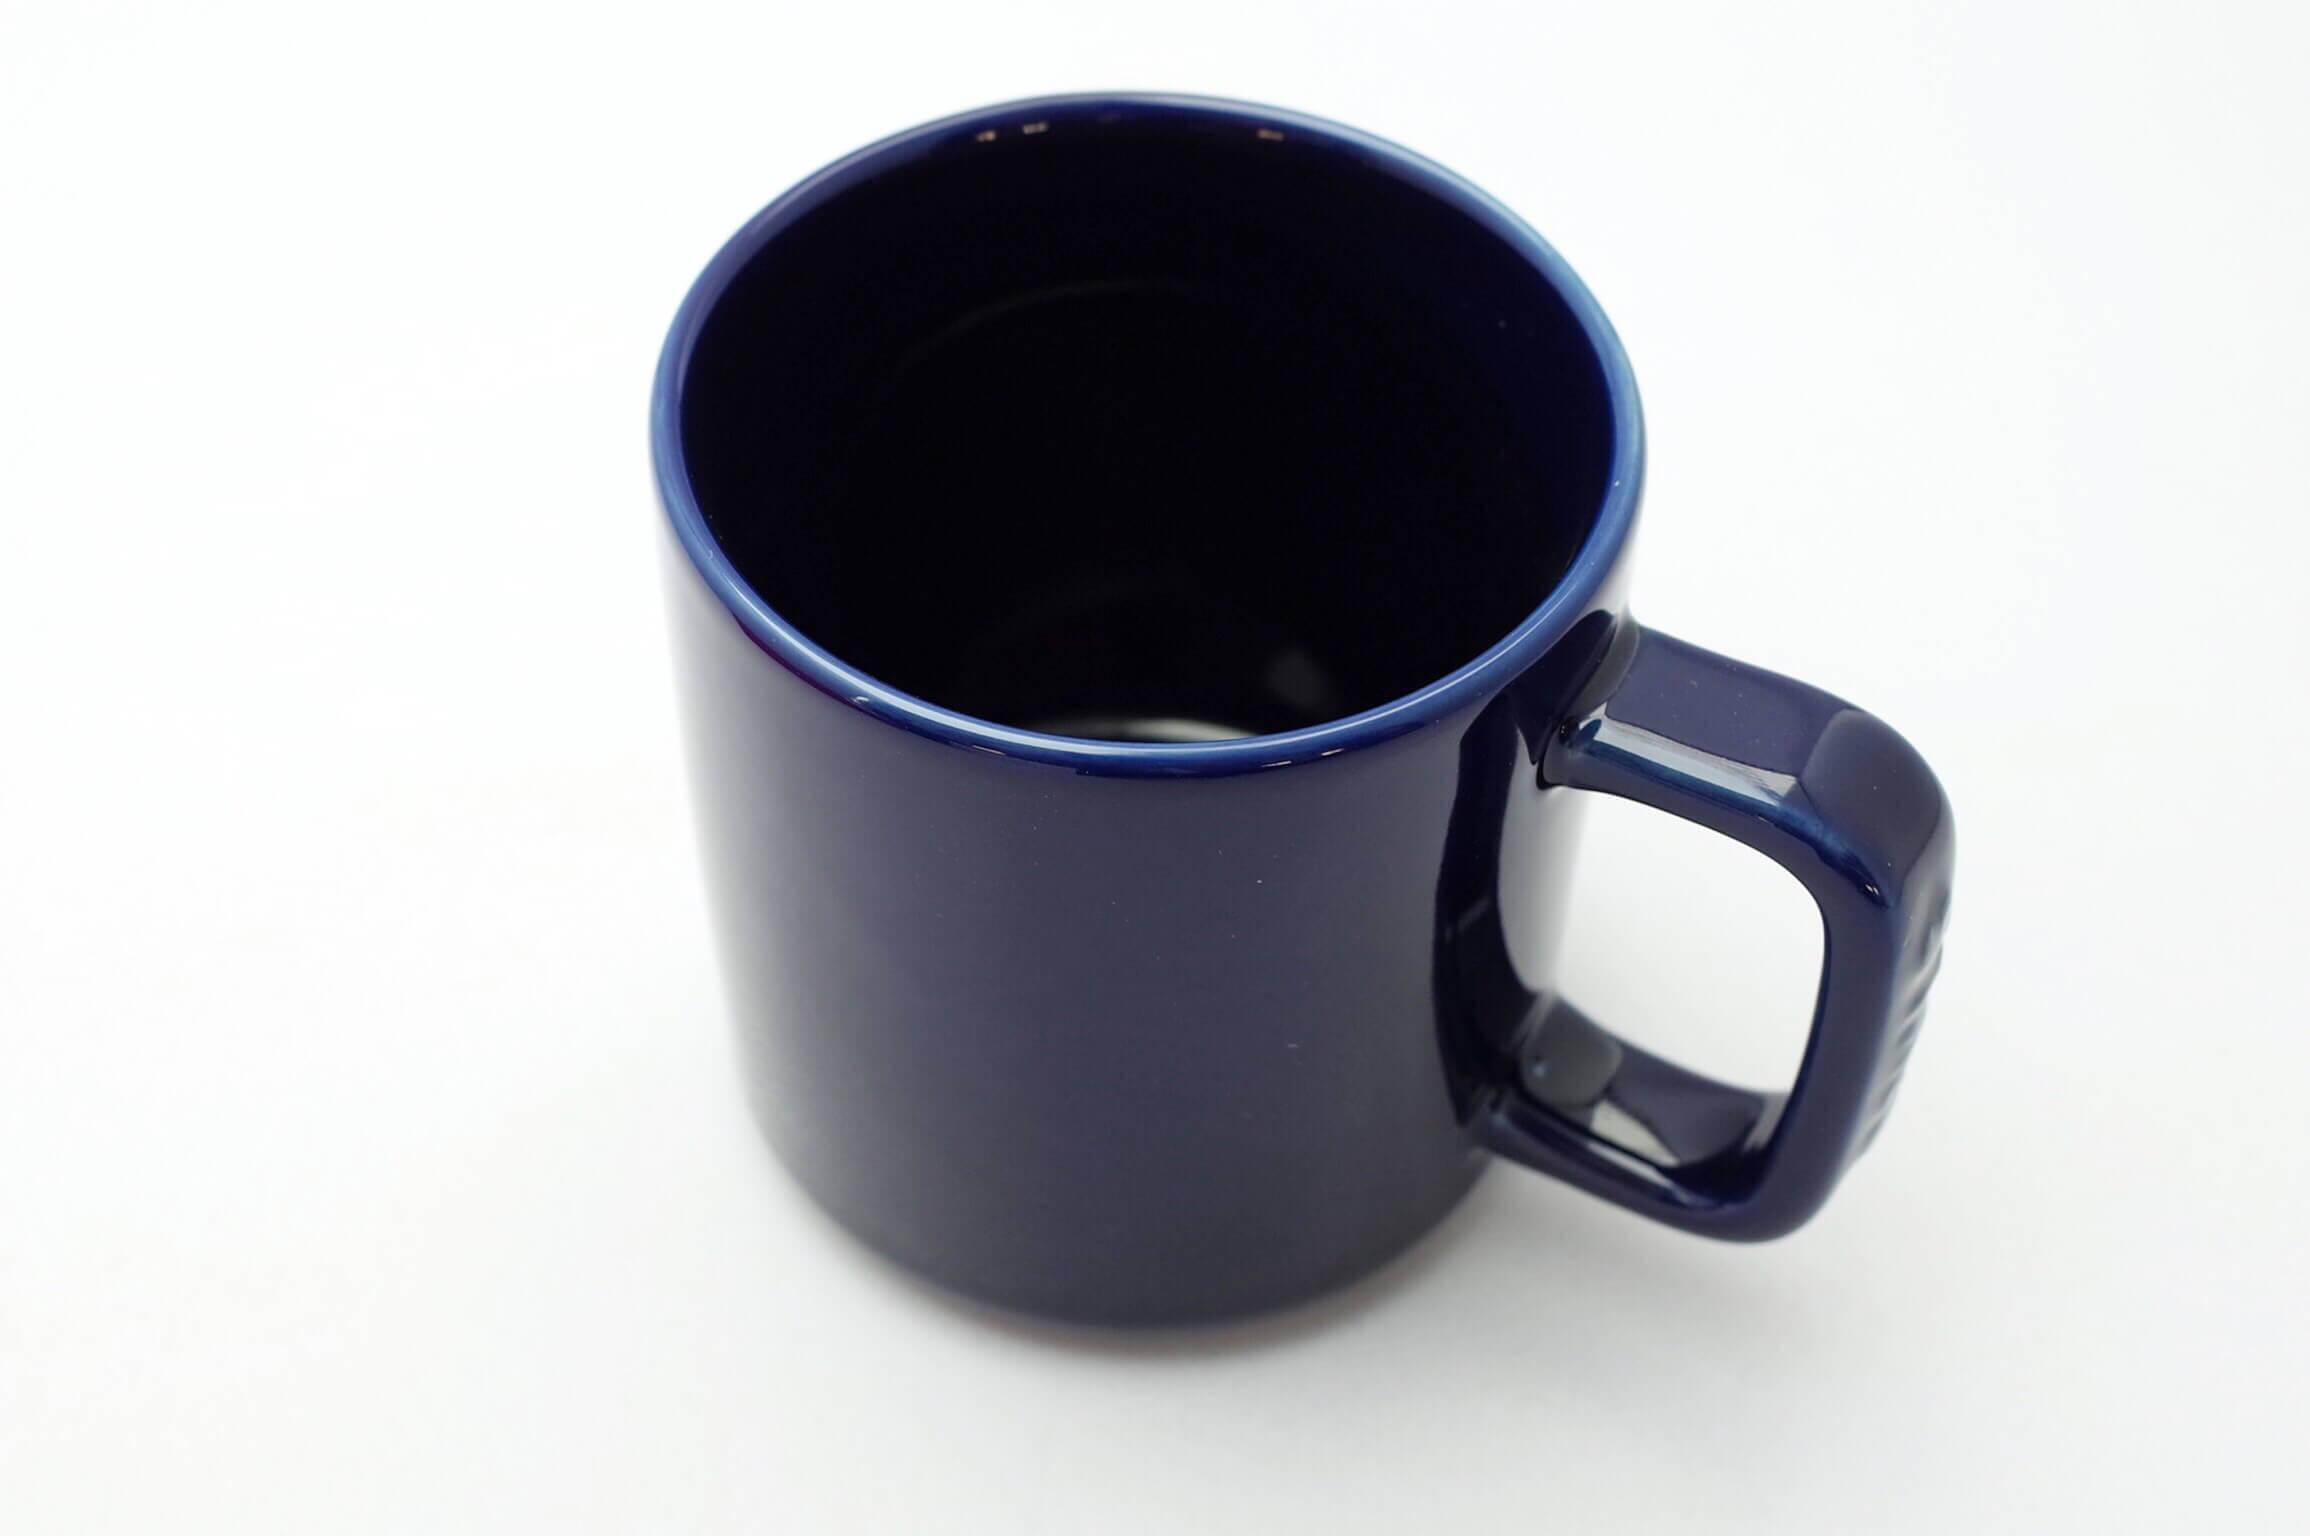 STAUB セラミック | マグカップがお気に入りすぎて幸せ。もっと早く買えばよかった